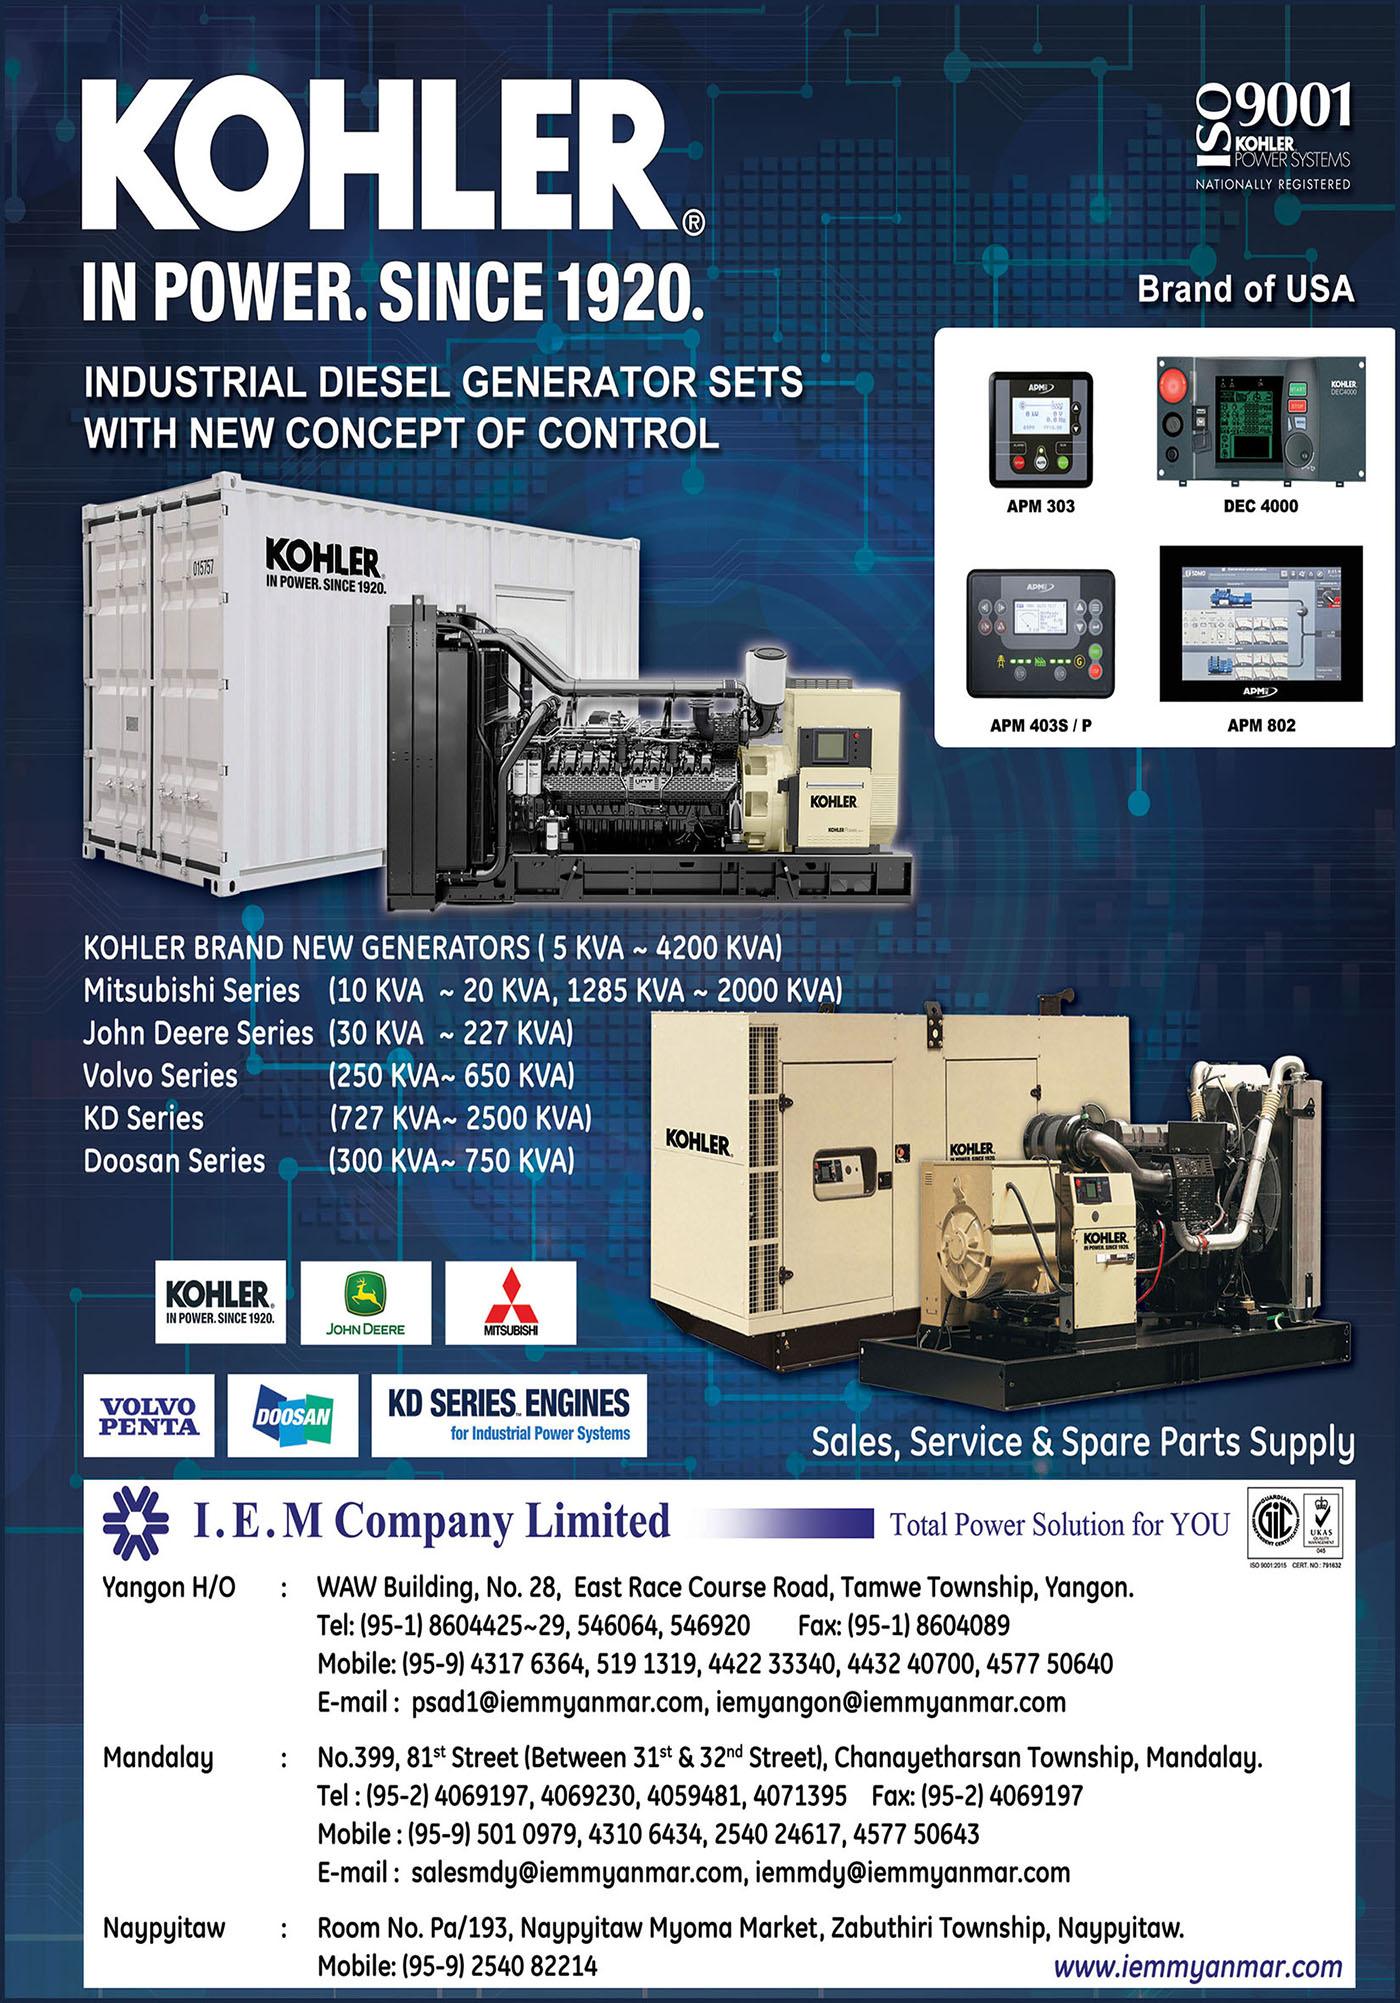 Kohler (I.E.M Co., Ltd.)